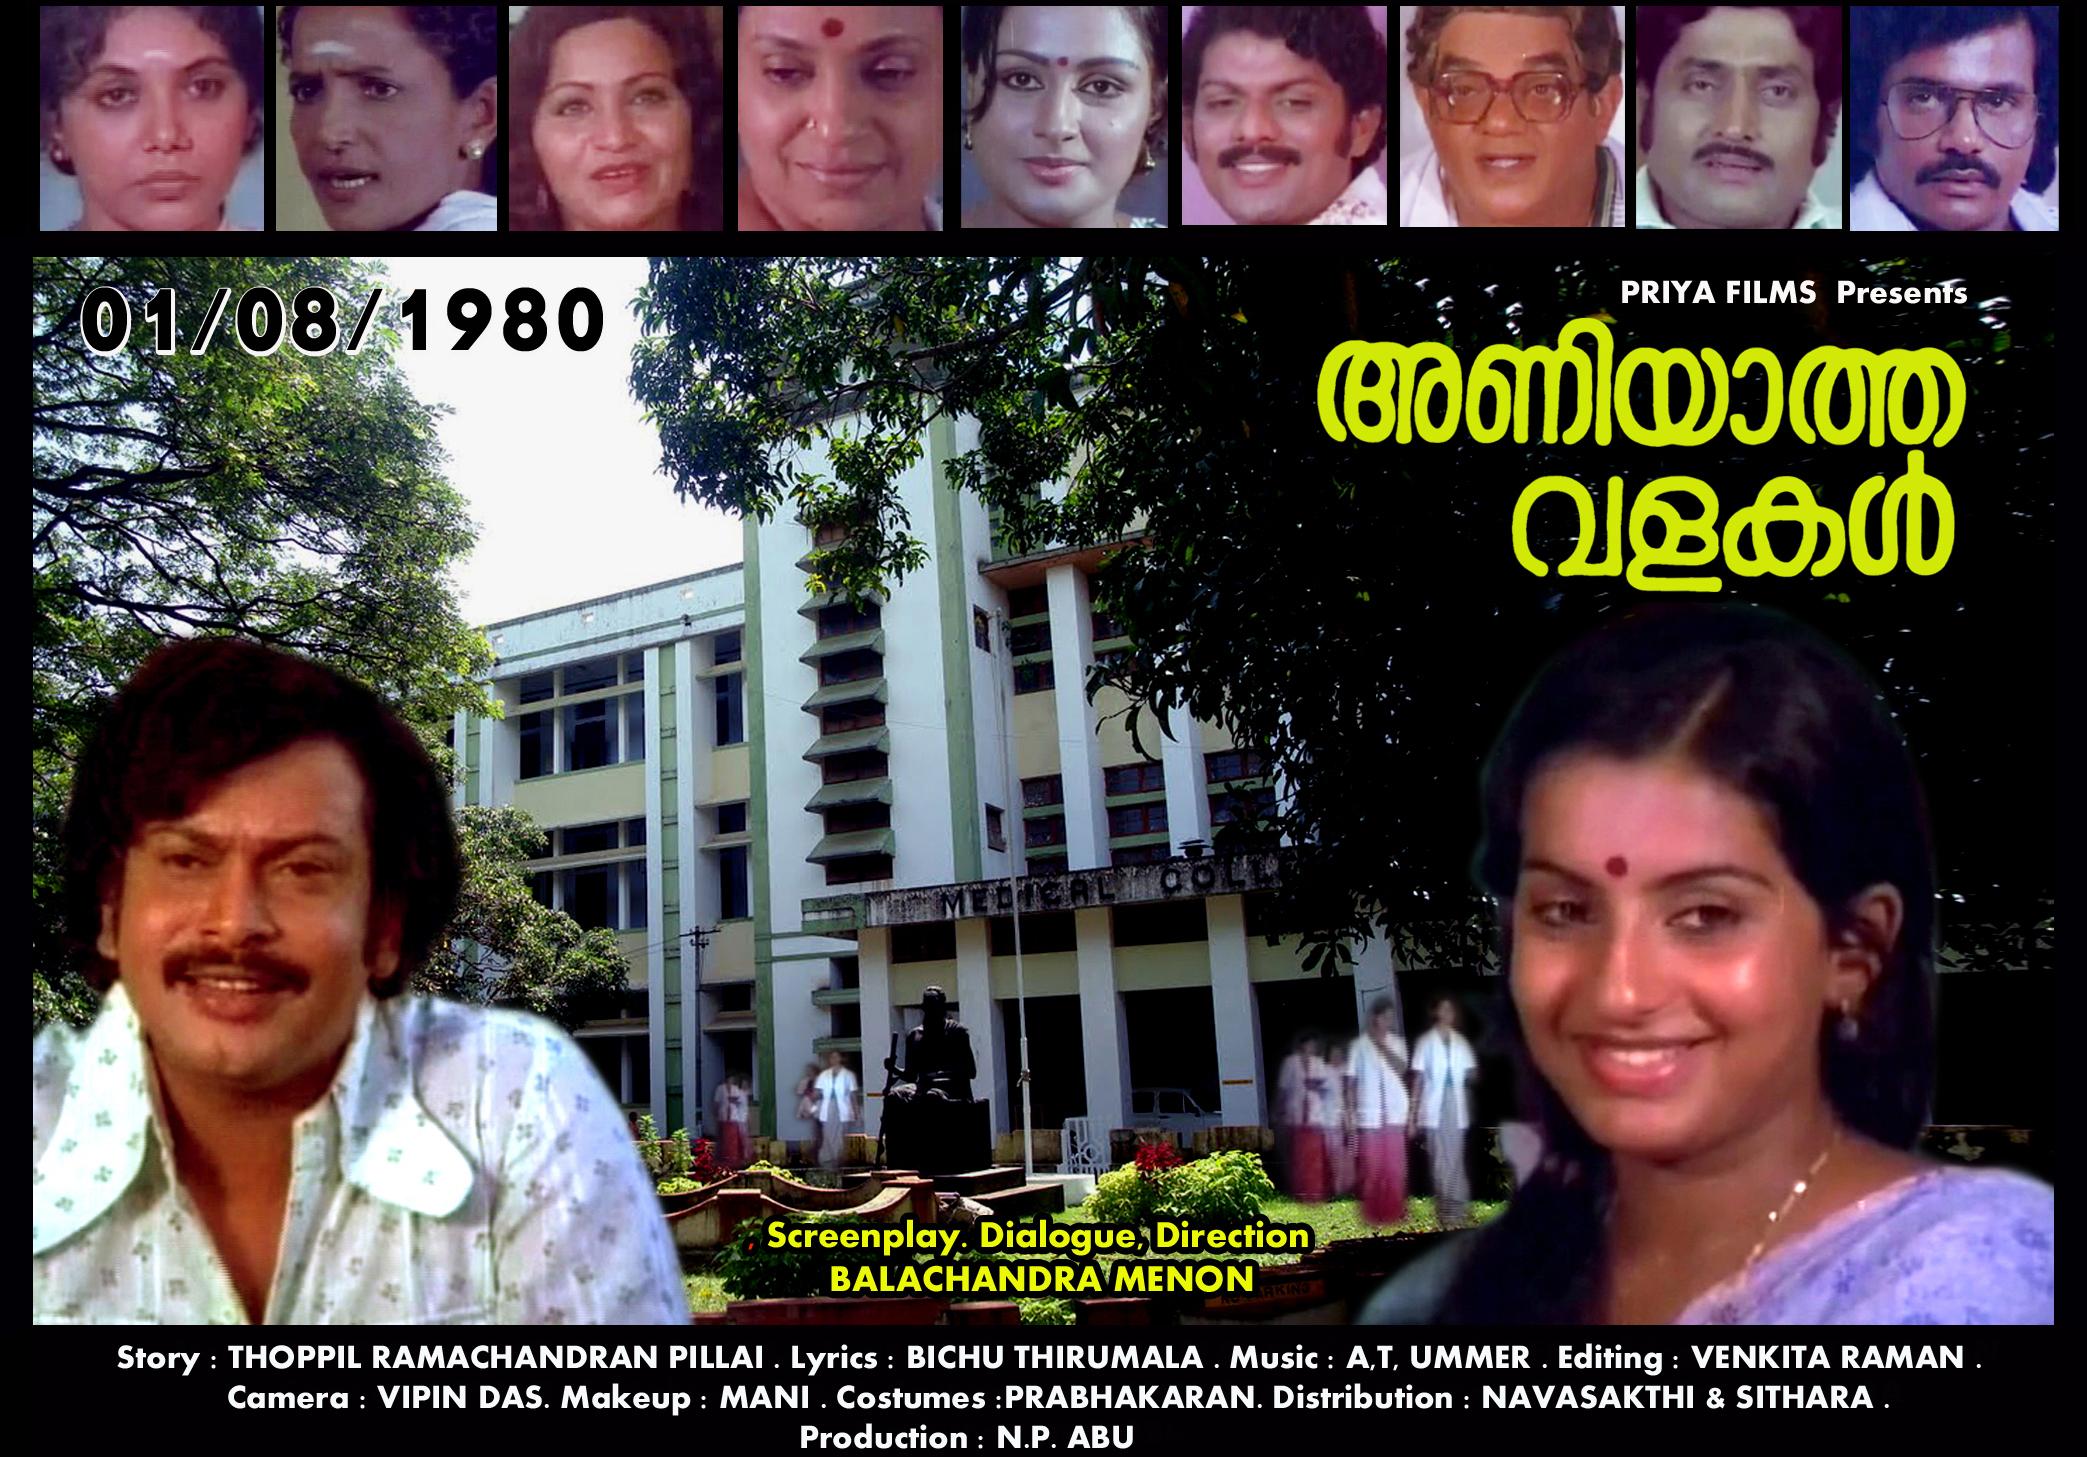 3) Aniyatha Valakkal (1980)